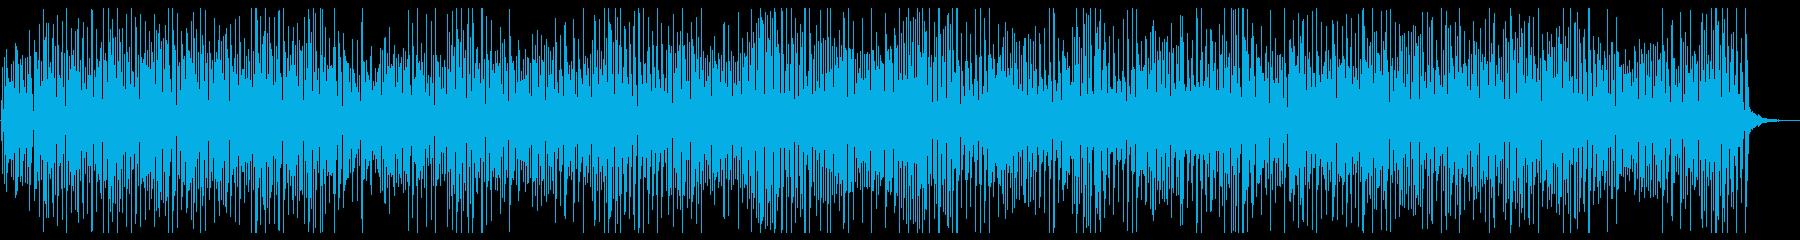 イベントにコミカルかわいいクシコスポストの再生済みの波形